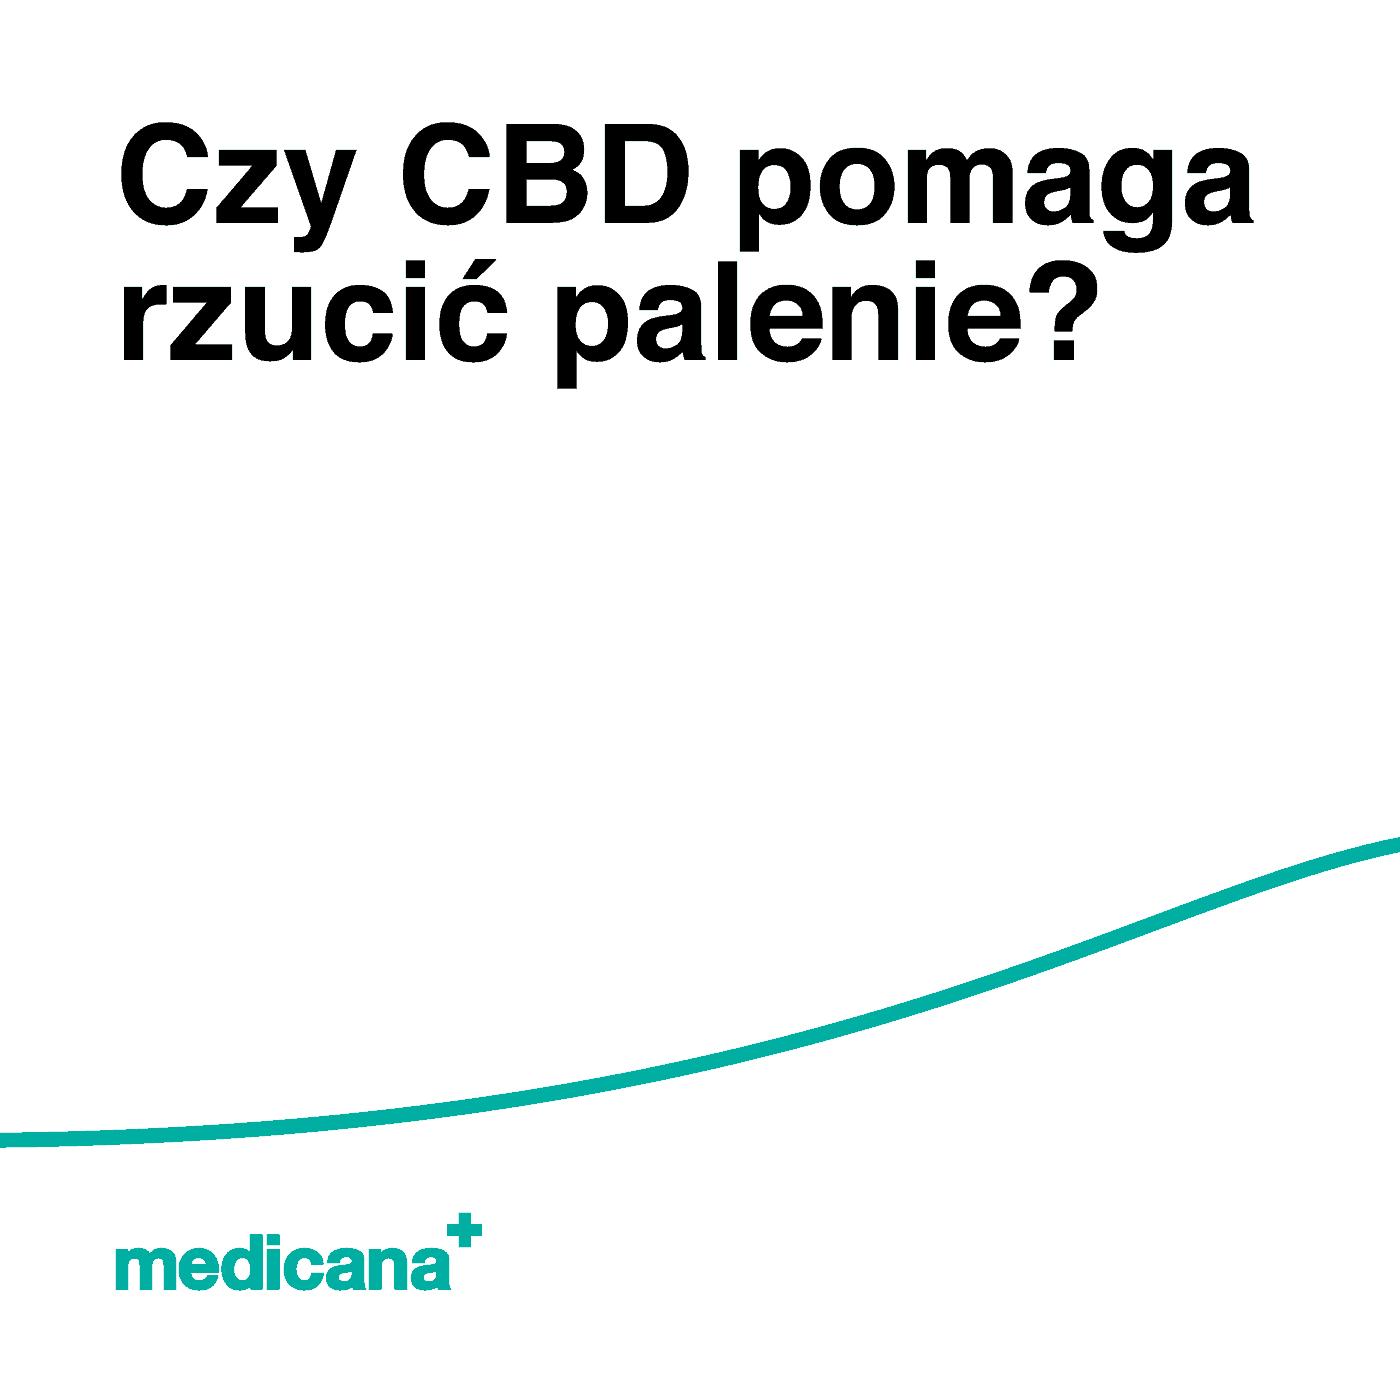 """Grafika, na białym tle czarny napis """"Czy CBD pomaga rzucić palenie?"""" oraz zieloną linią na dole i zielonym logo medicana w lewym dolnym rogu."""